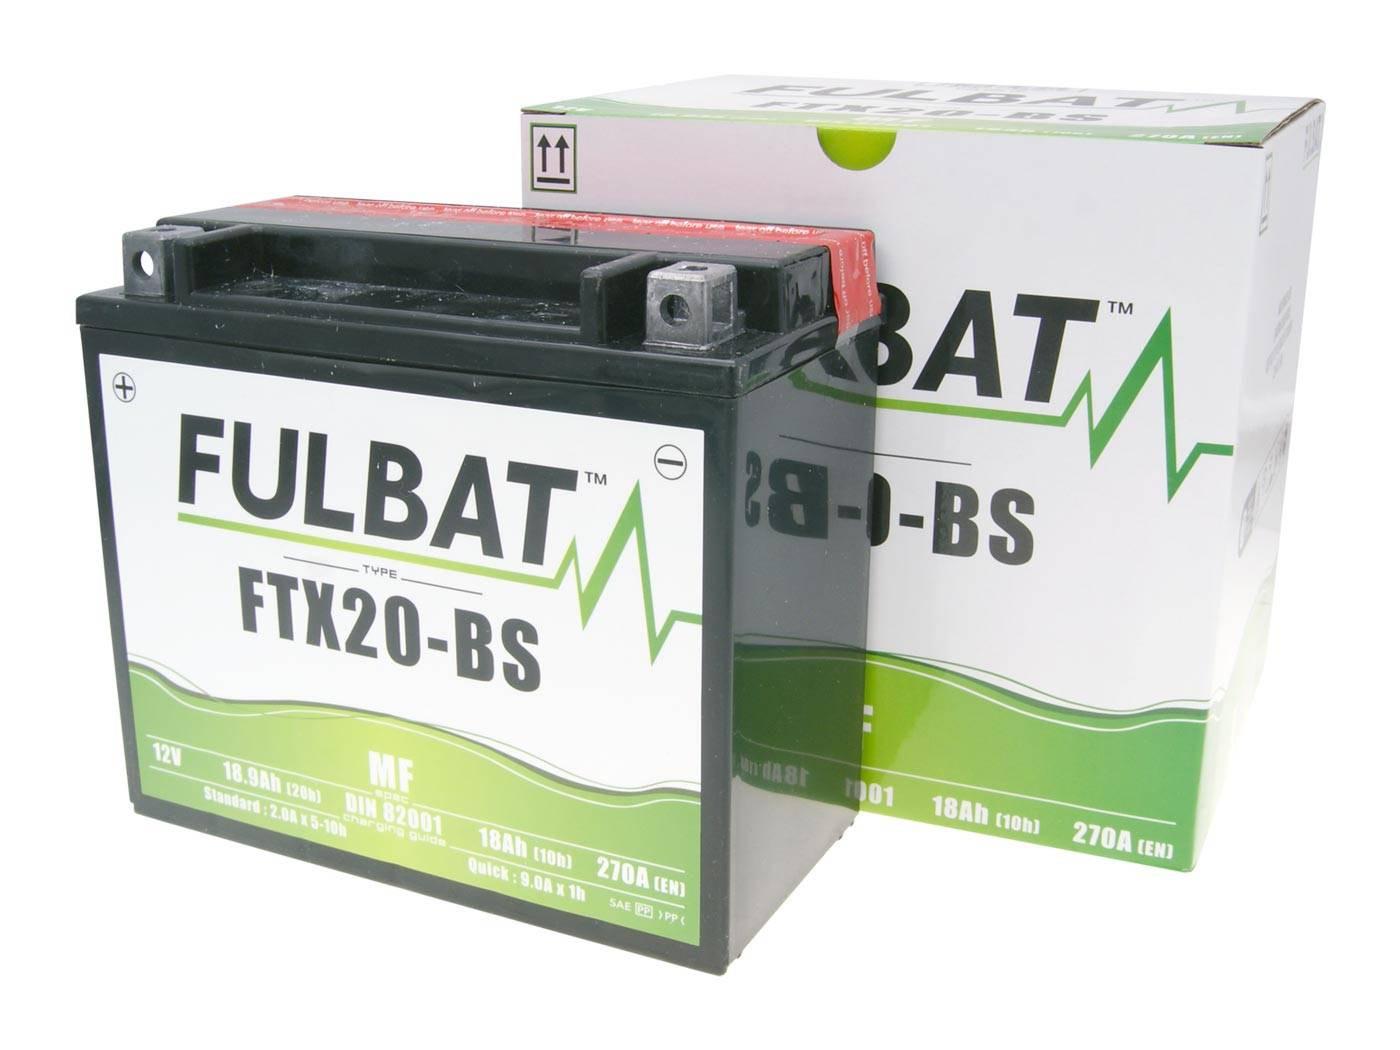 Fulbat FTX20-BS MF gondozásmentes akkumulátor